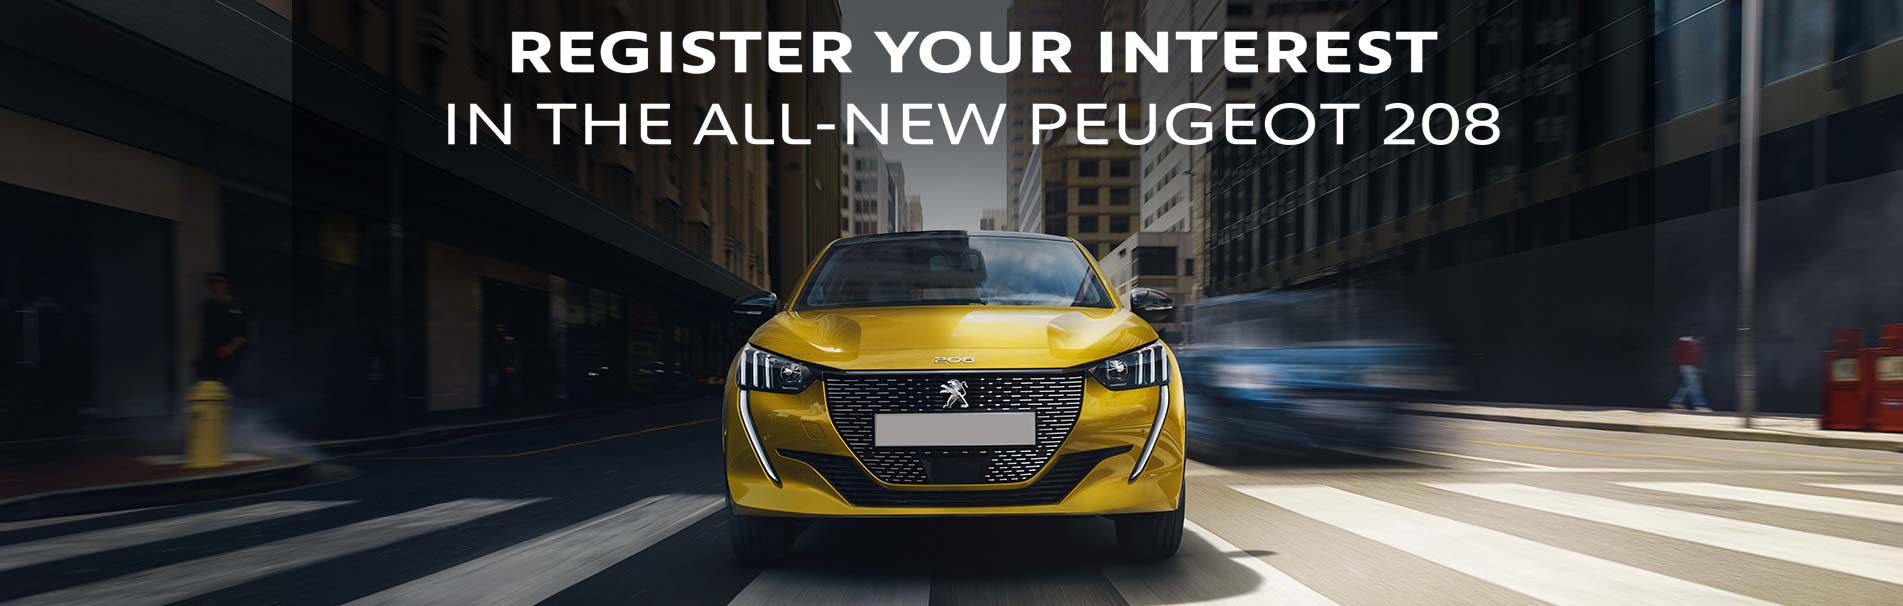 register-your-interest-in-new-peugeot-208-sli